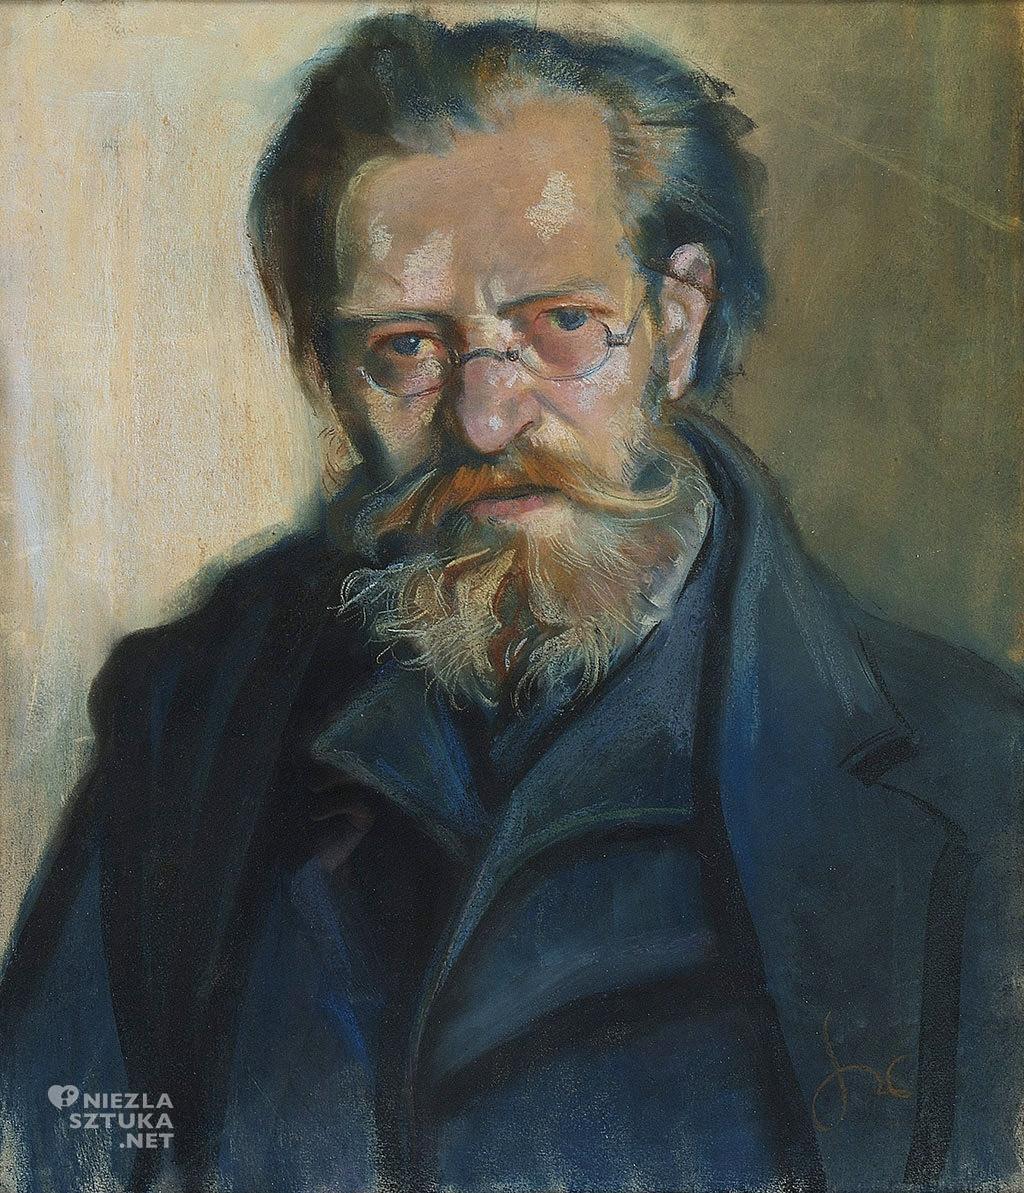 Ojciec Stanisława Wyspiańskiego, MNW